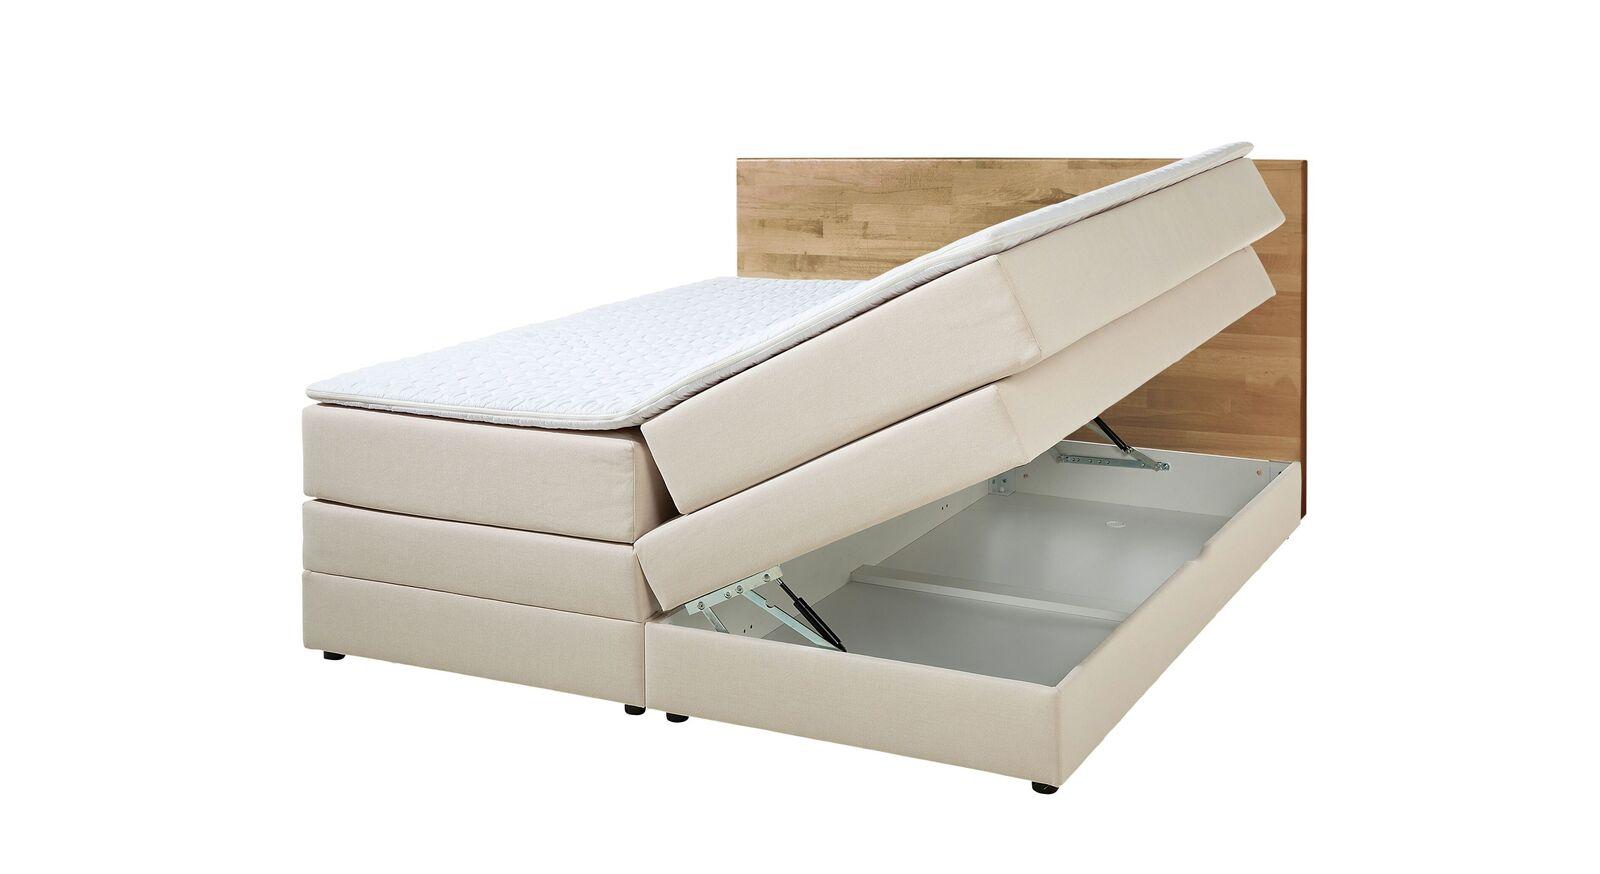 Bettkasten-Boxspringbett Peachland für perfekten Schlafkomfort